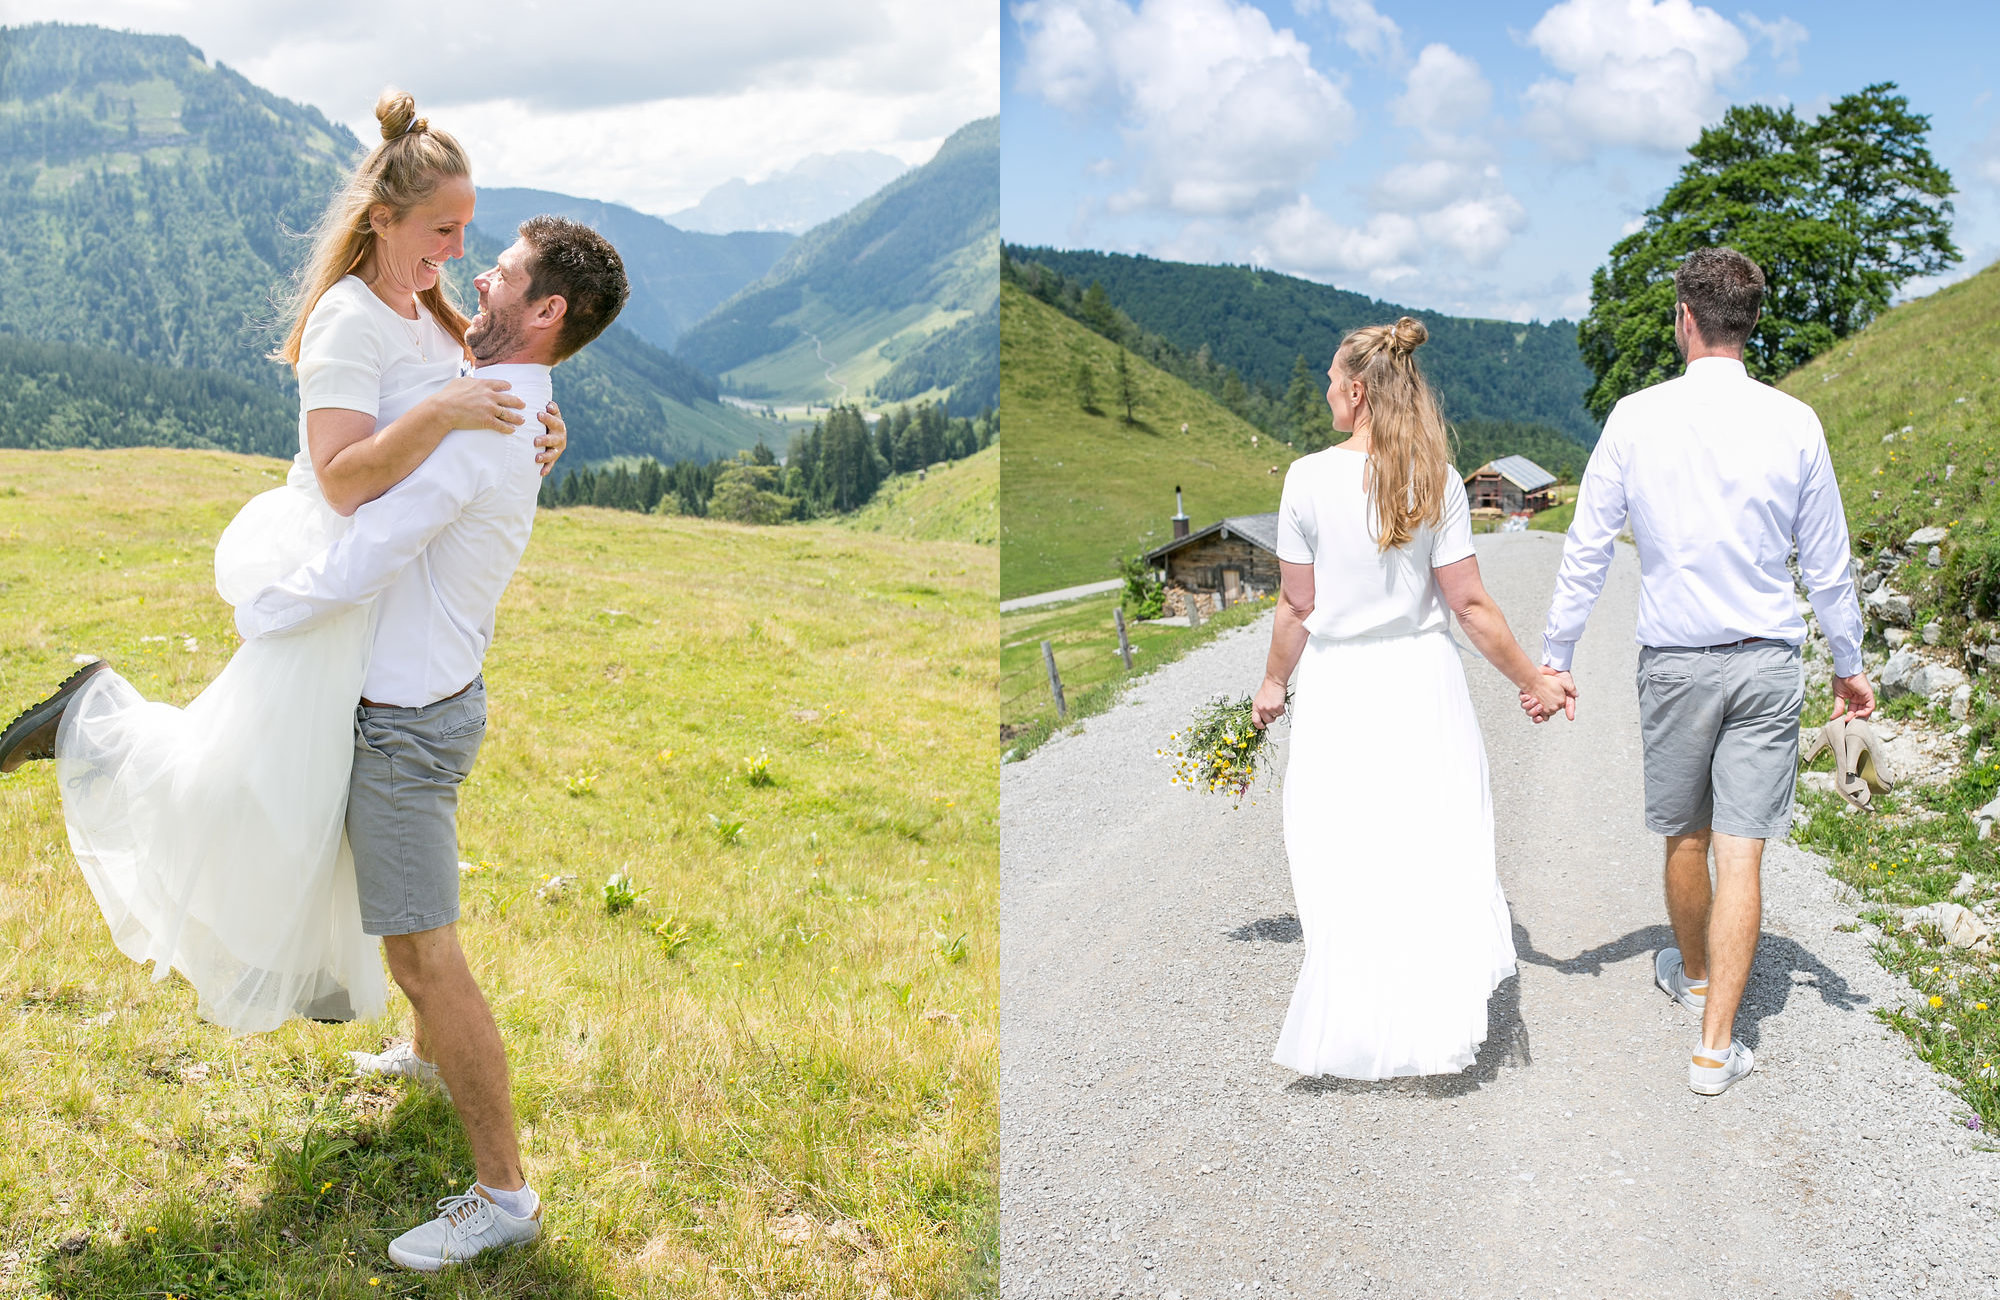 Die Berghochzeit Heiraten Mit Ausblick